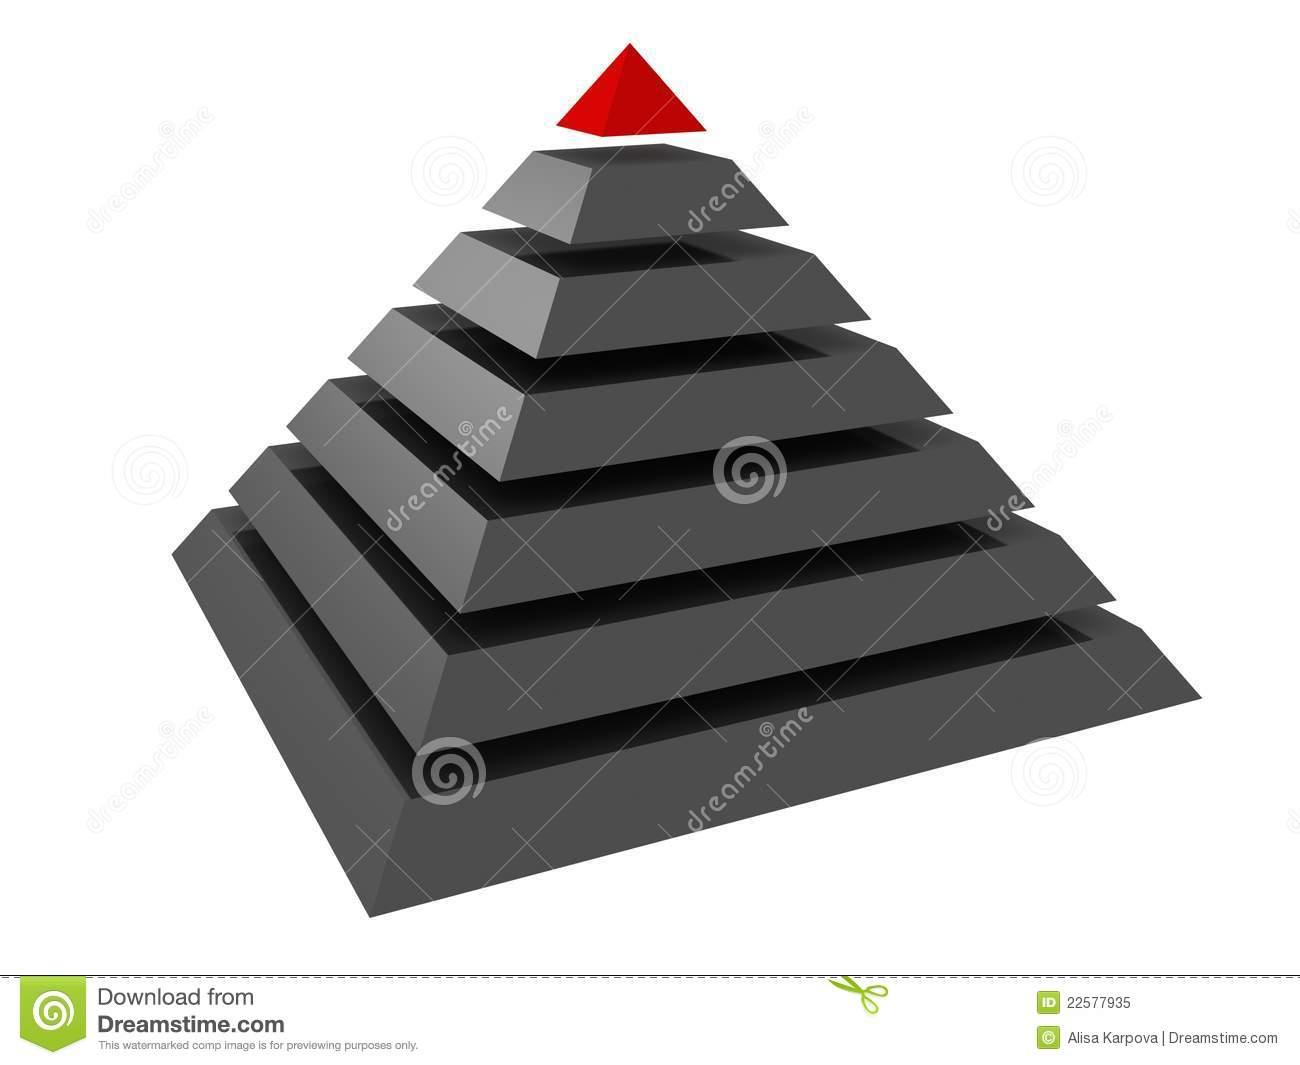 абстрактная пирамидка руководителя иерархии принципиальной схемы 3d